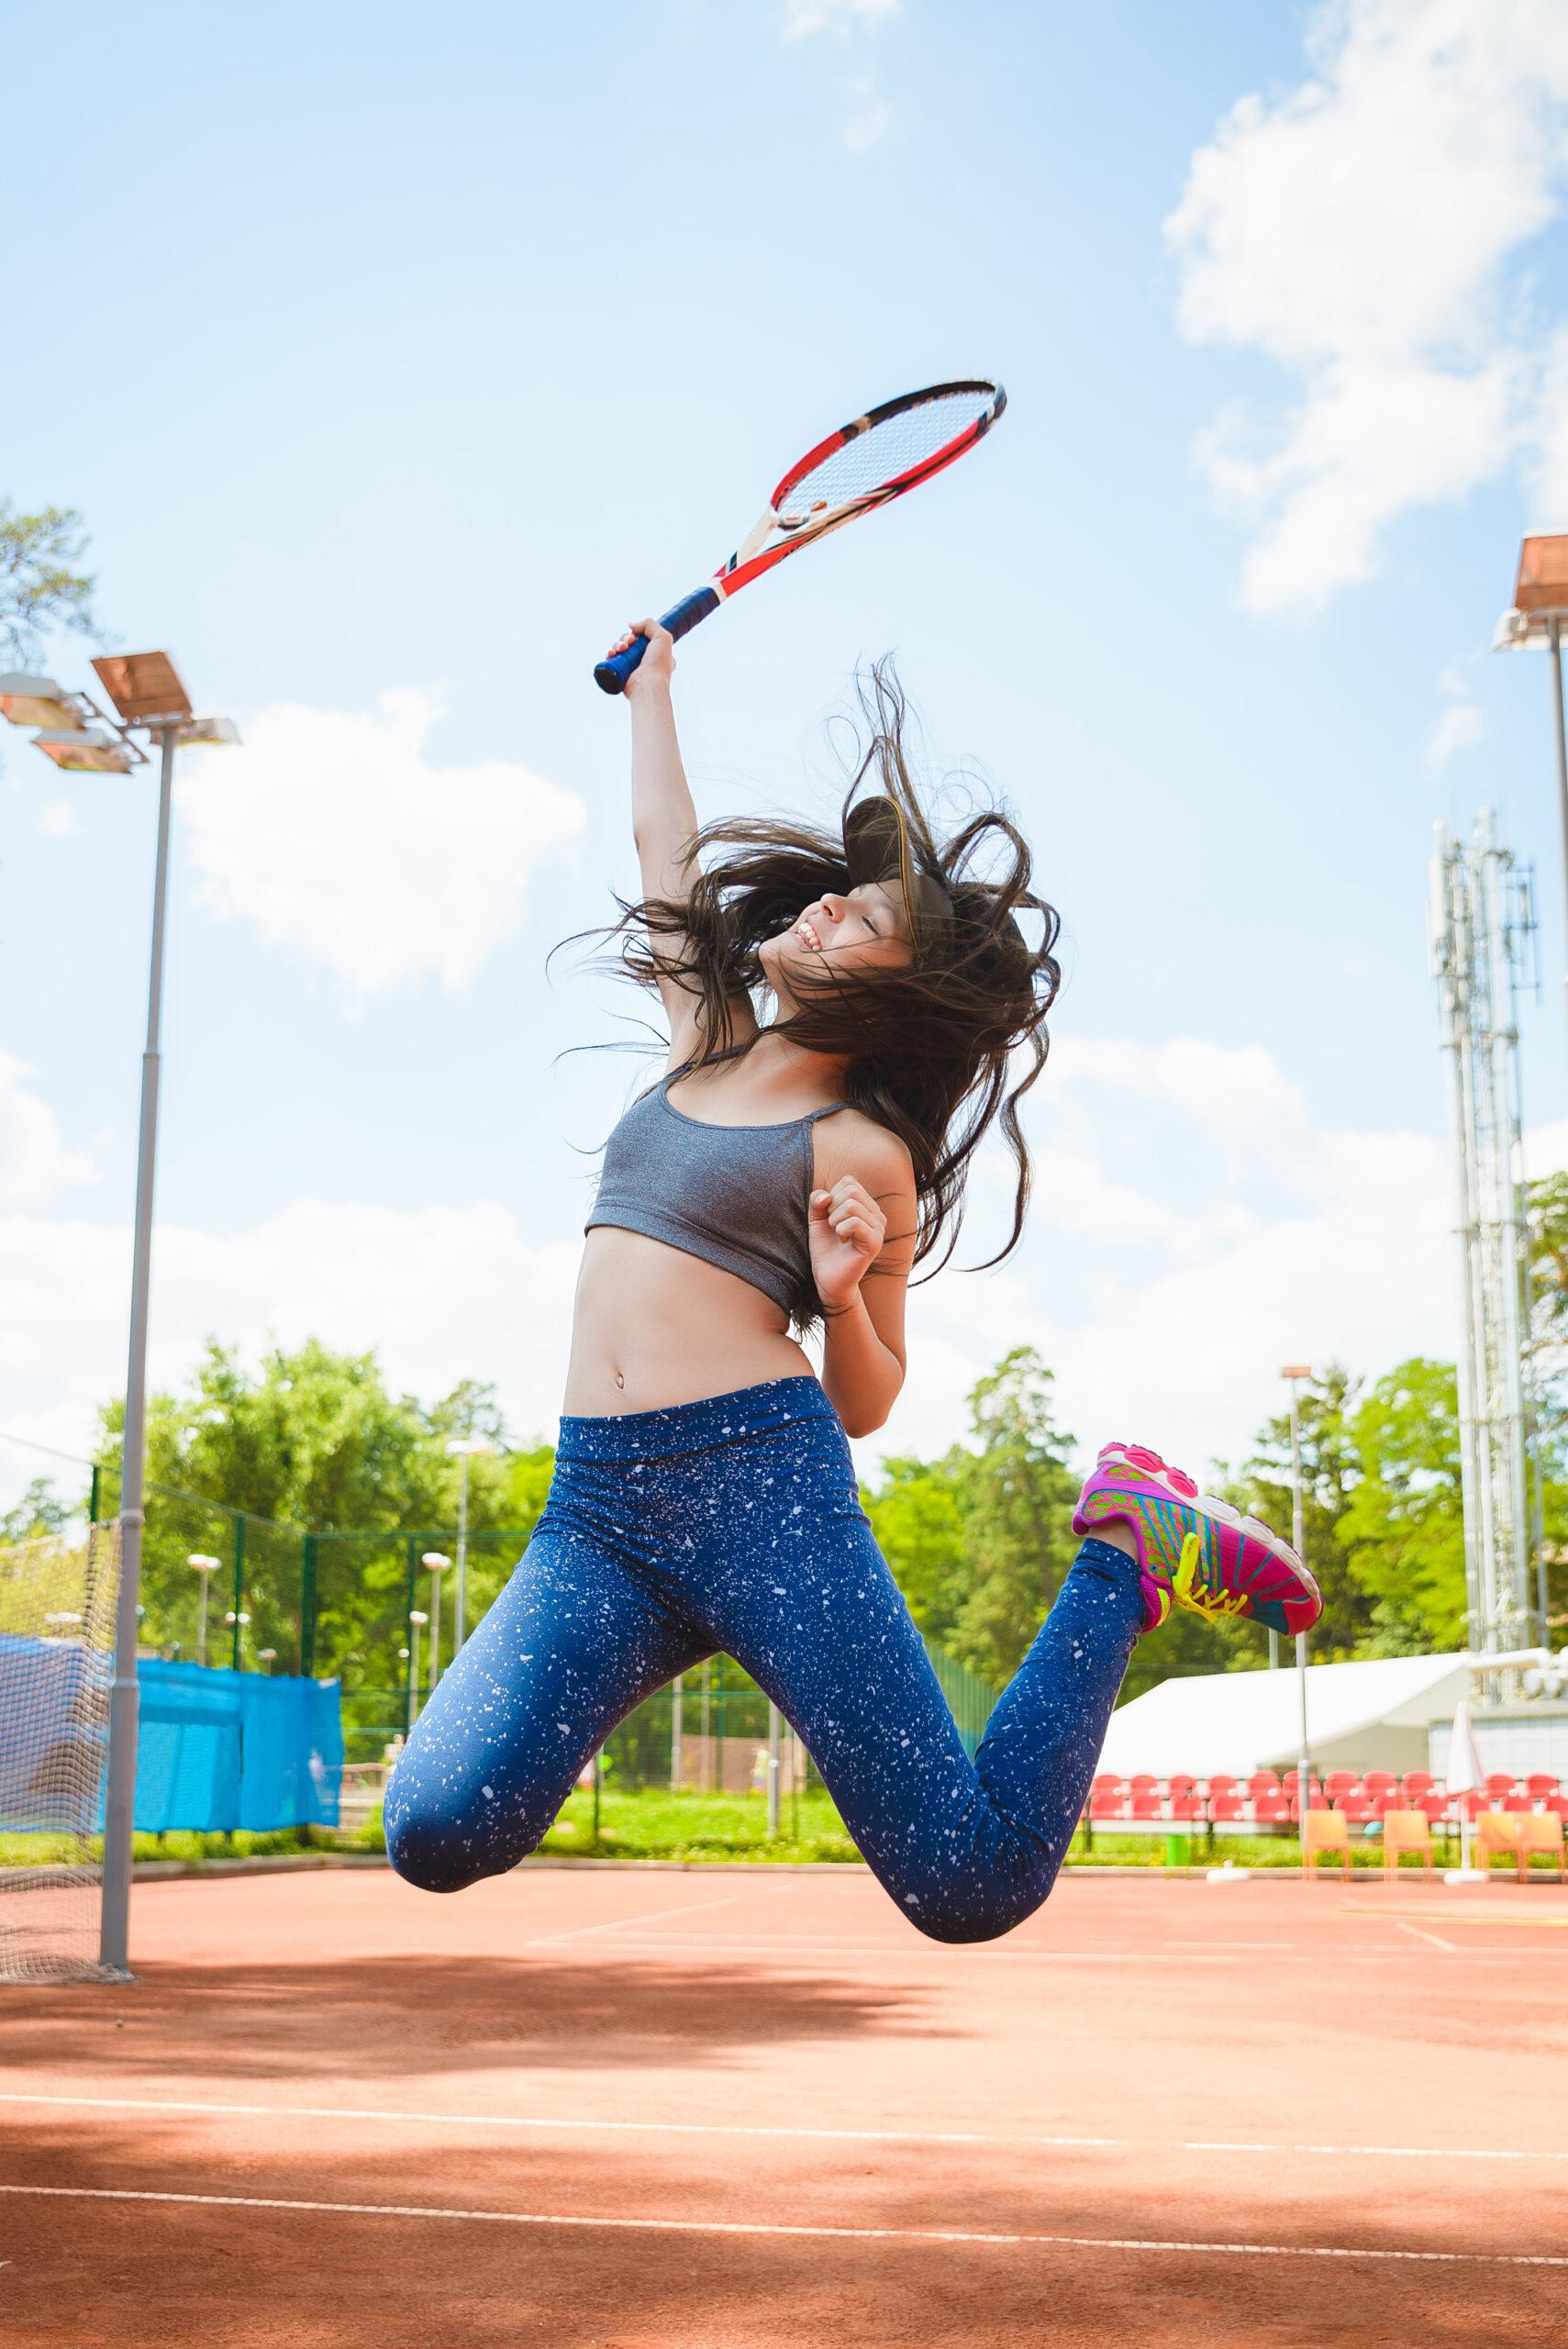 Сколько сетов в теннисе и сколько длится гейм